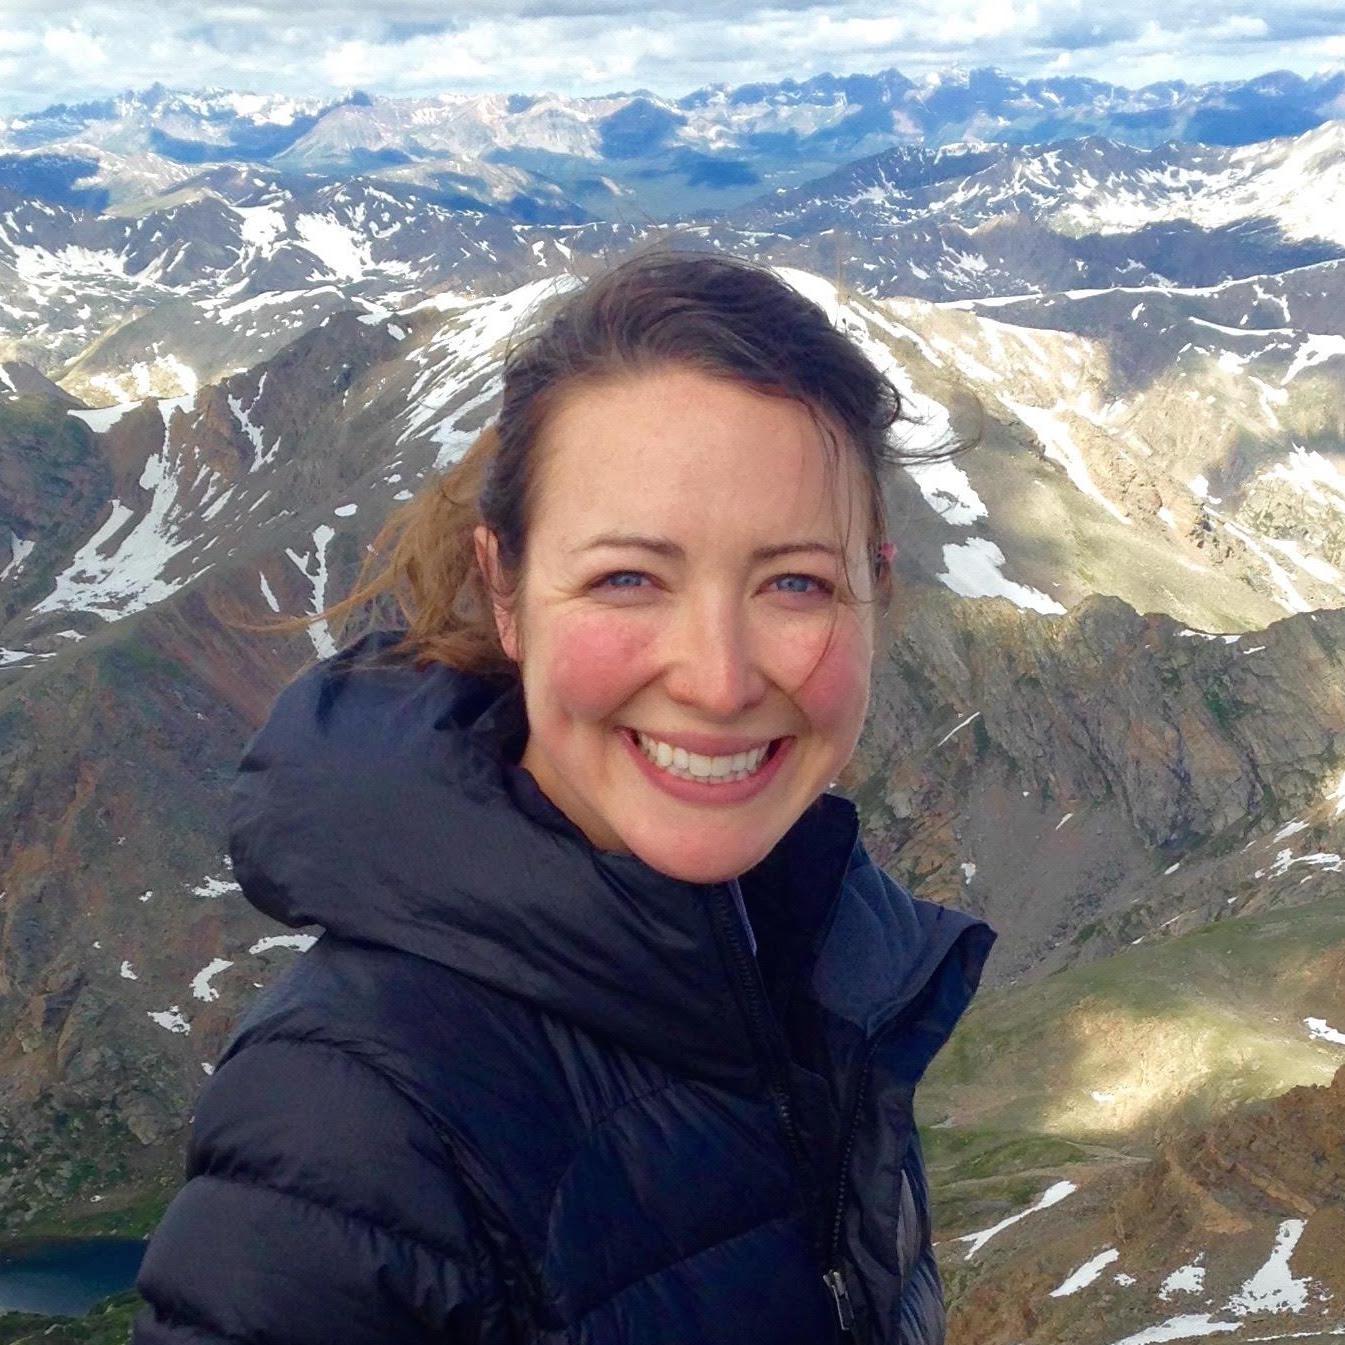 Lauren Schmeisser